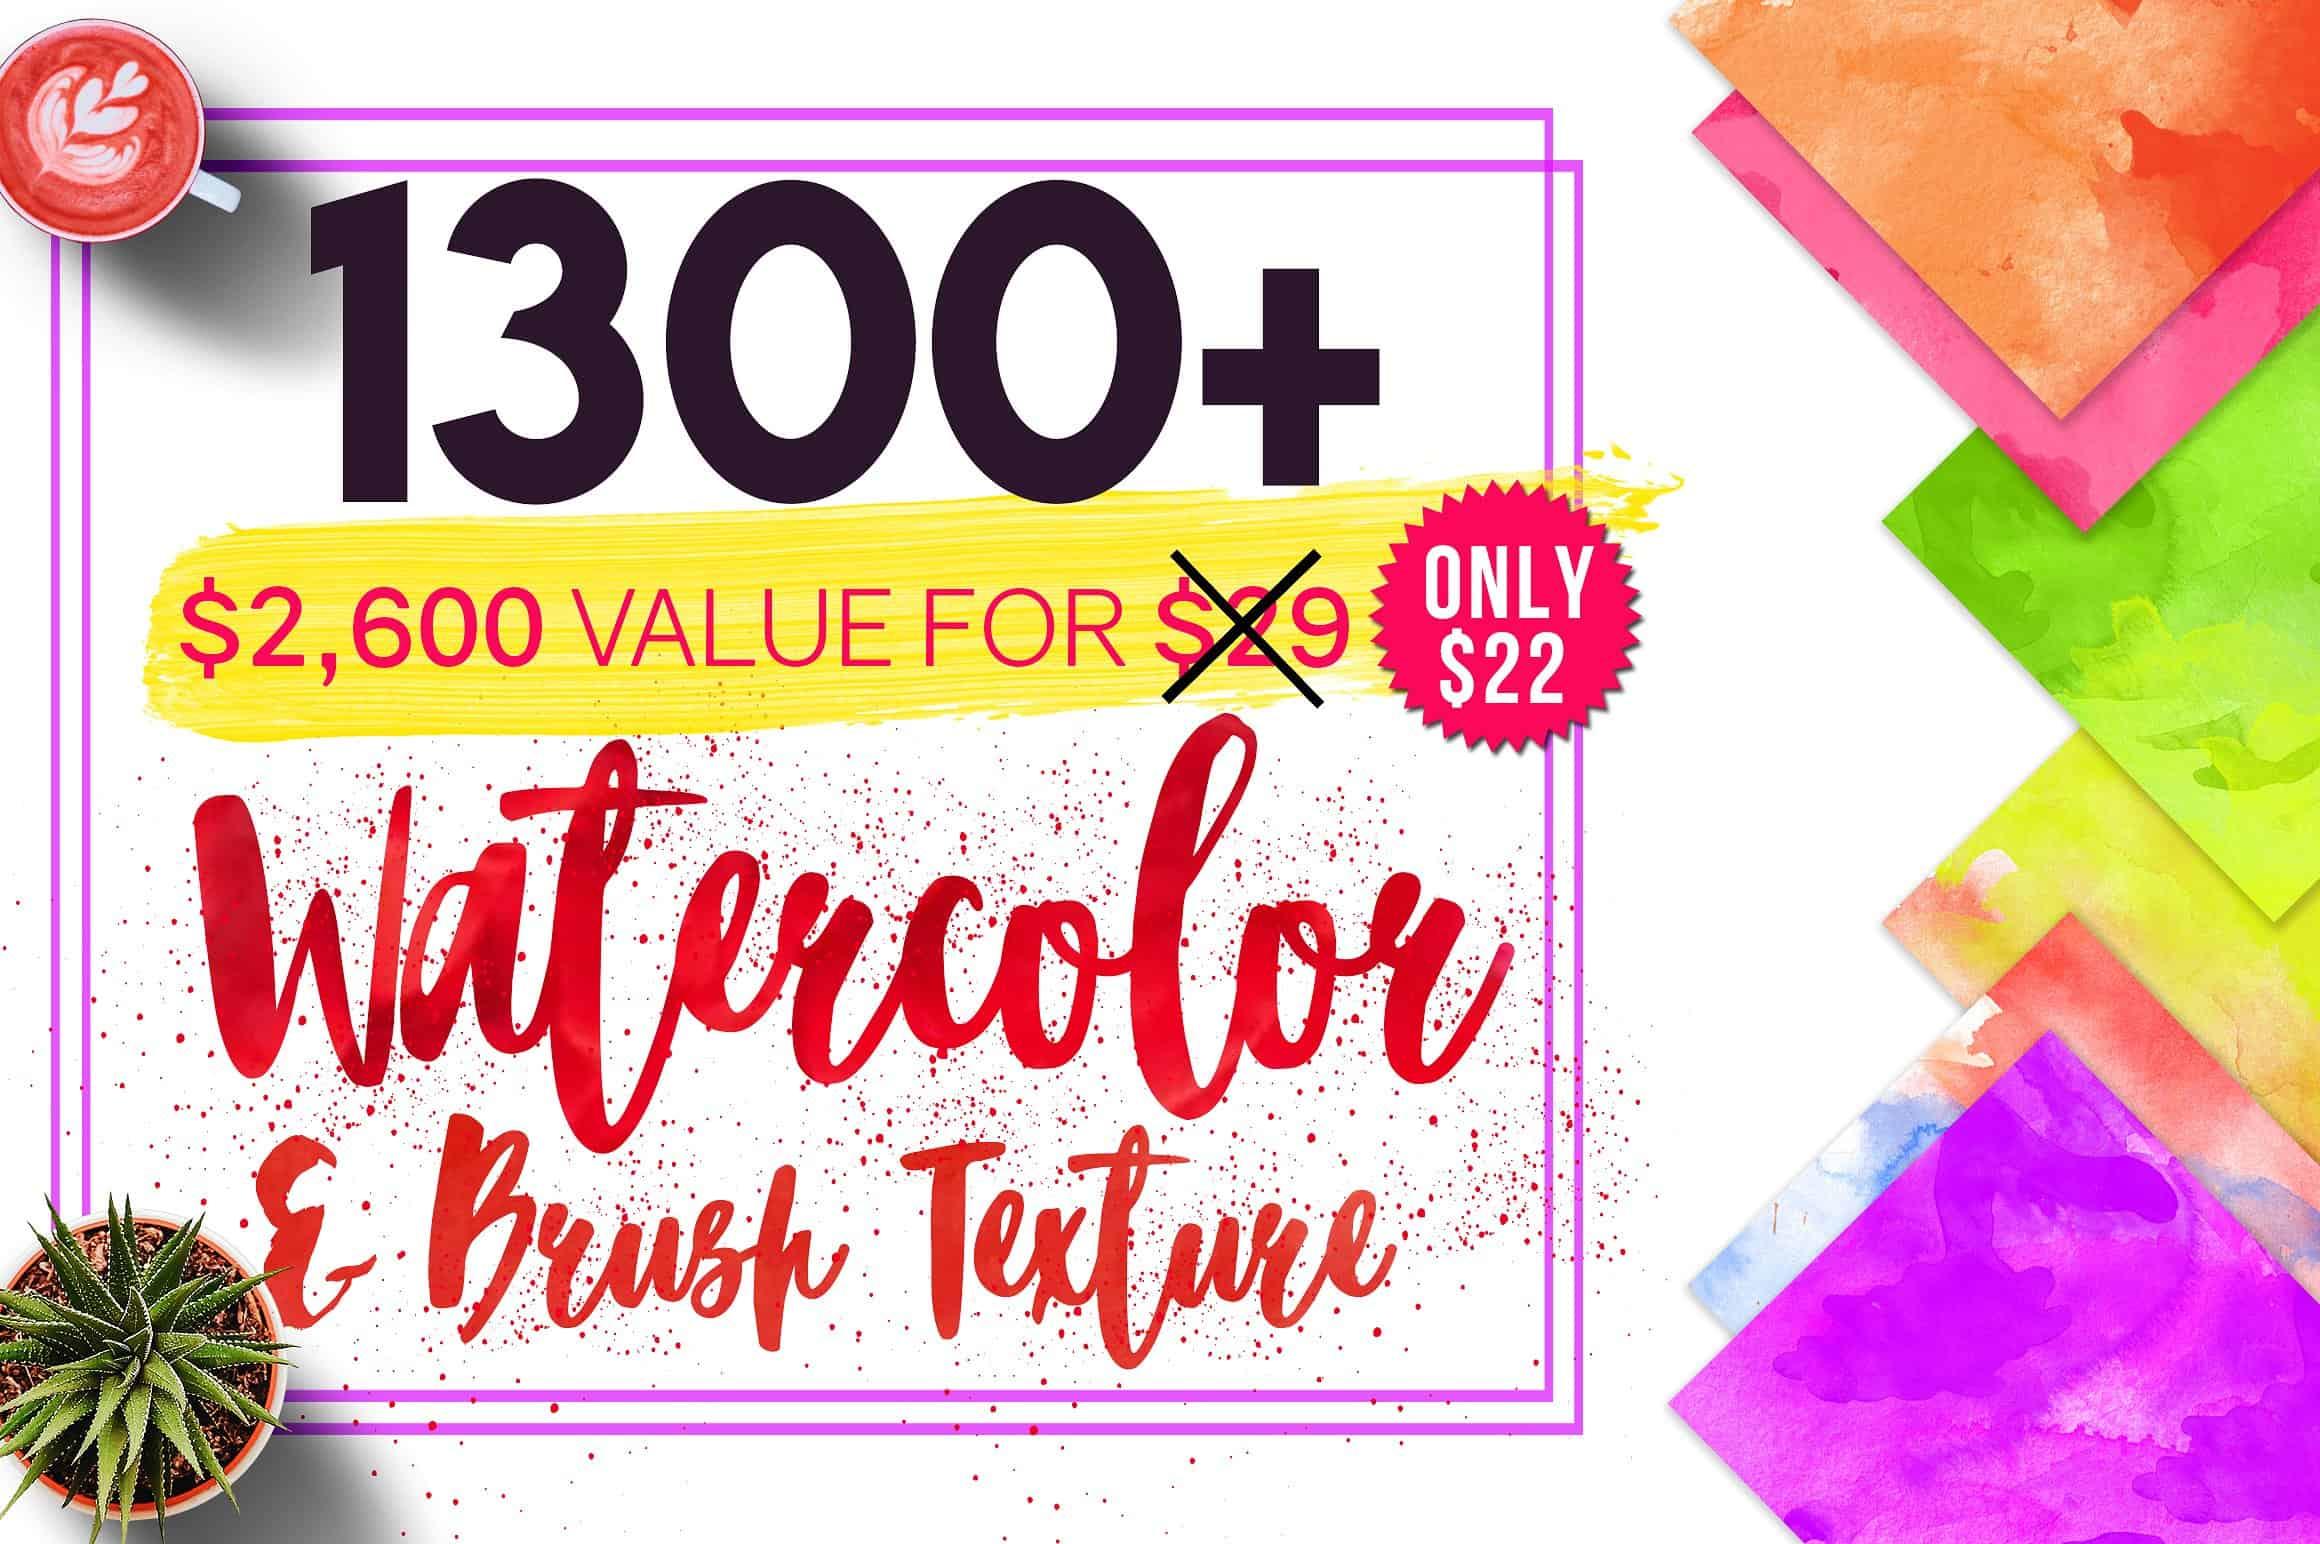 Watercolor & Brush Texture